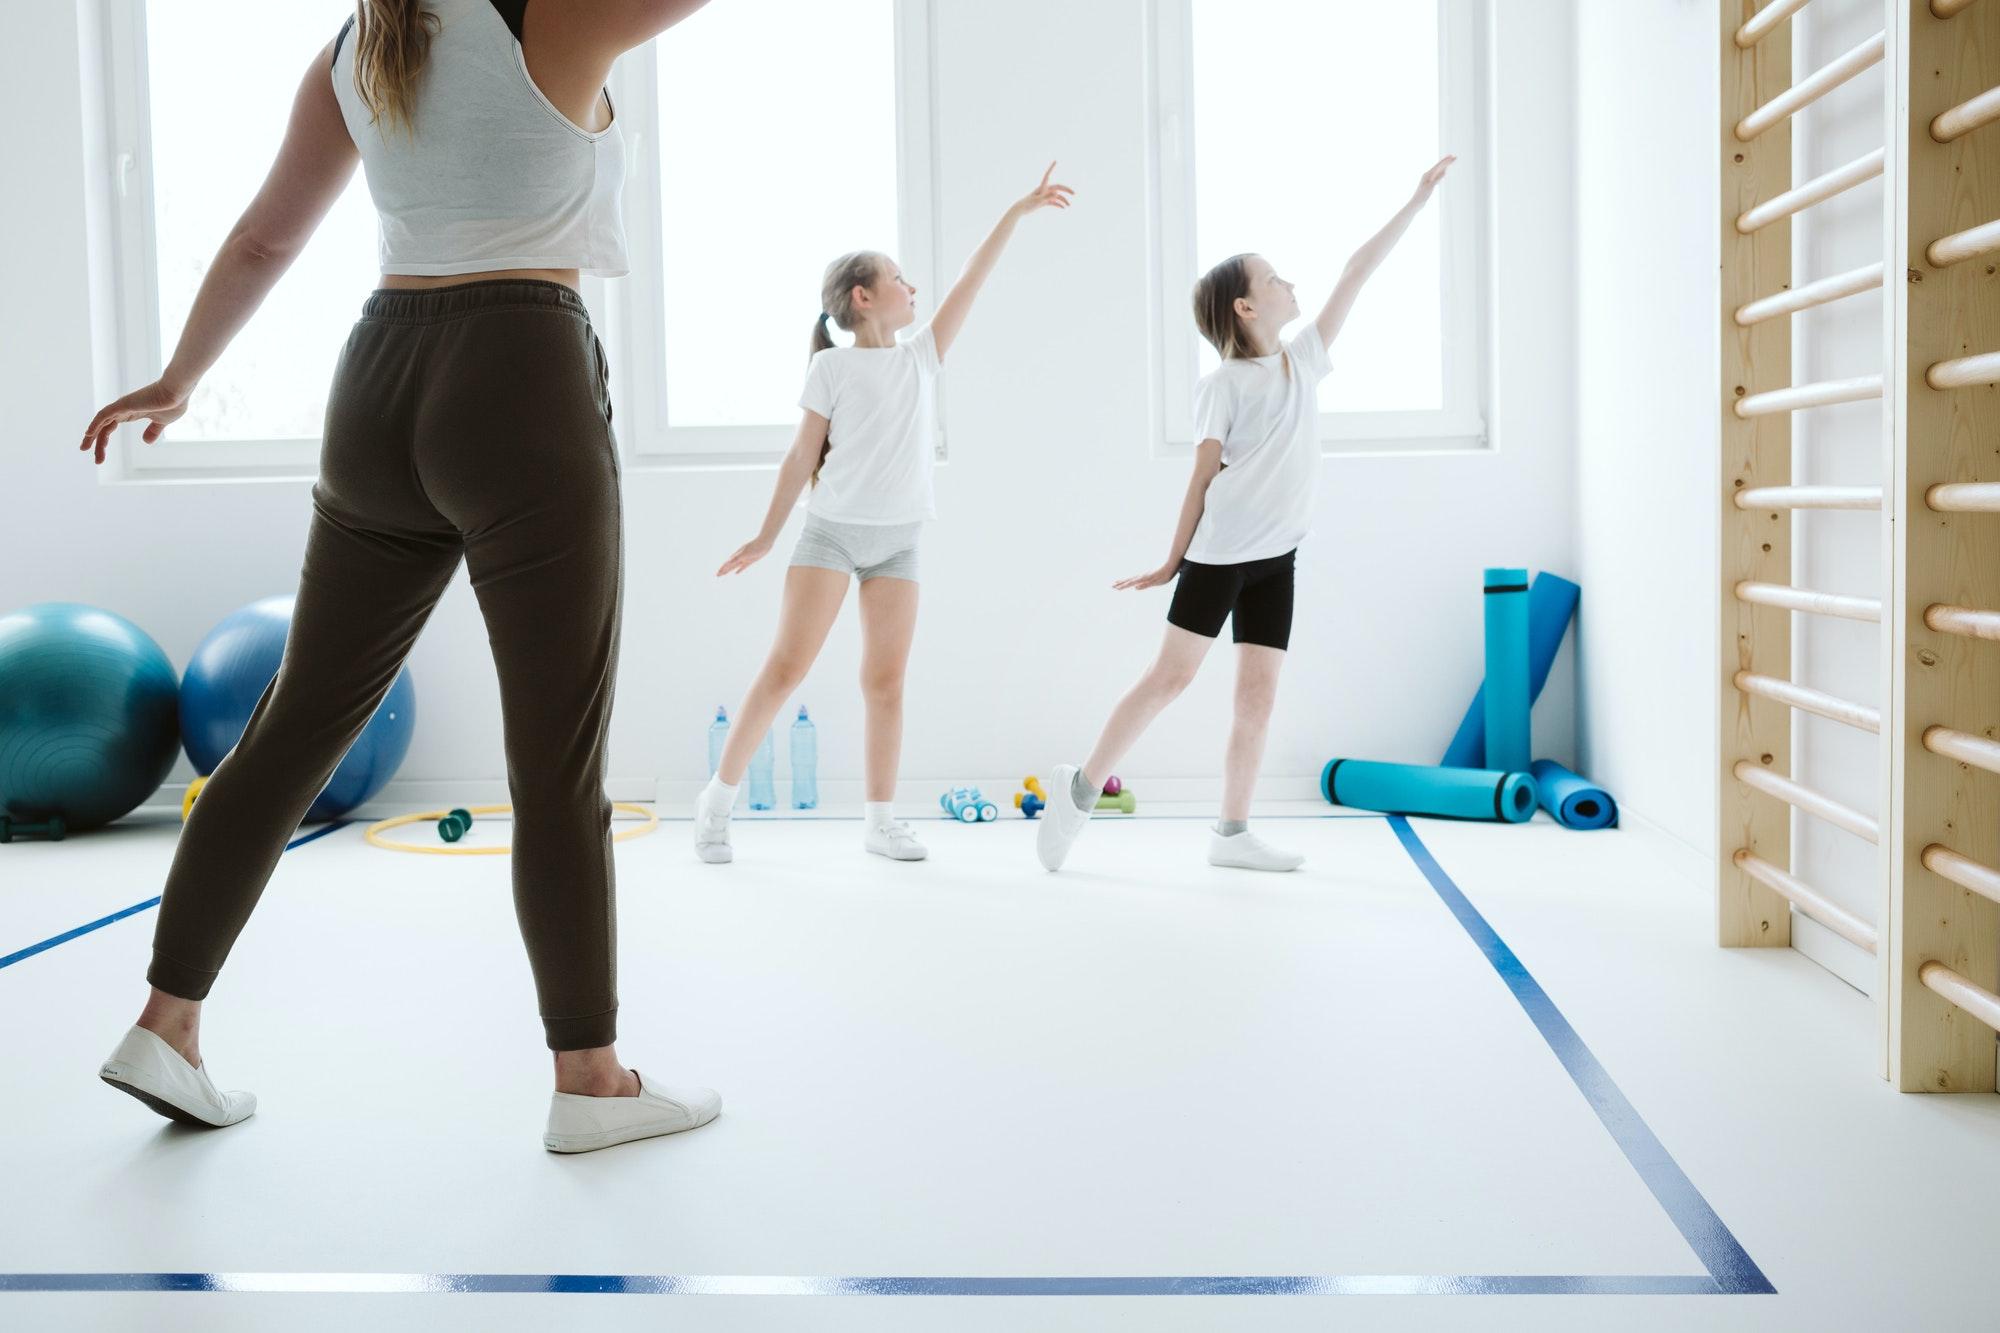 תדירות הפעילות הגופנית אצל בנות בגילאי 6 עד 12 שנים | טל אלוני רוזן